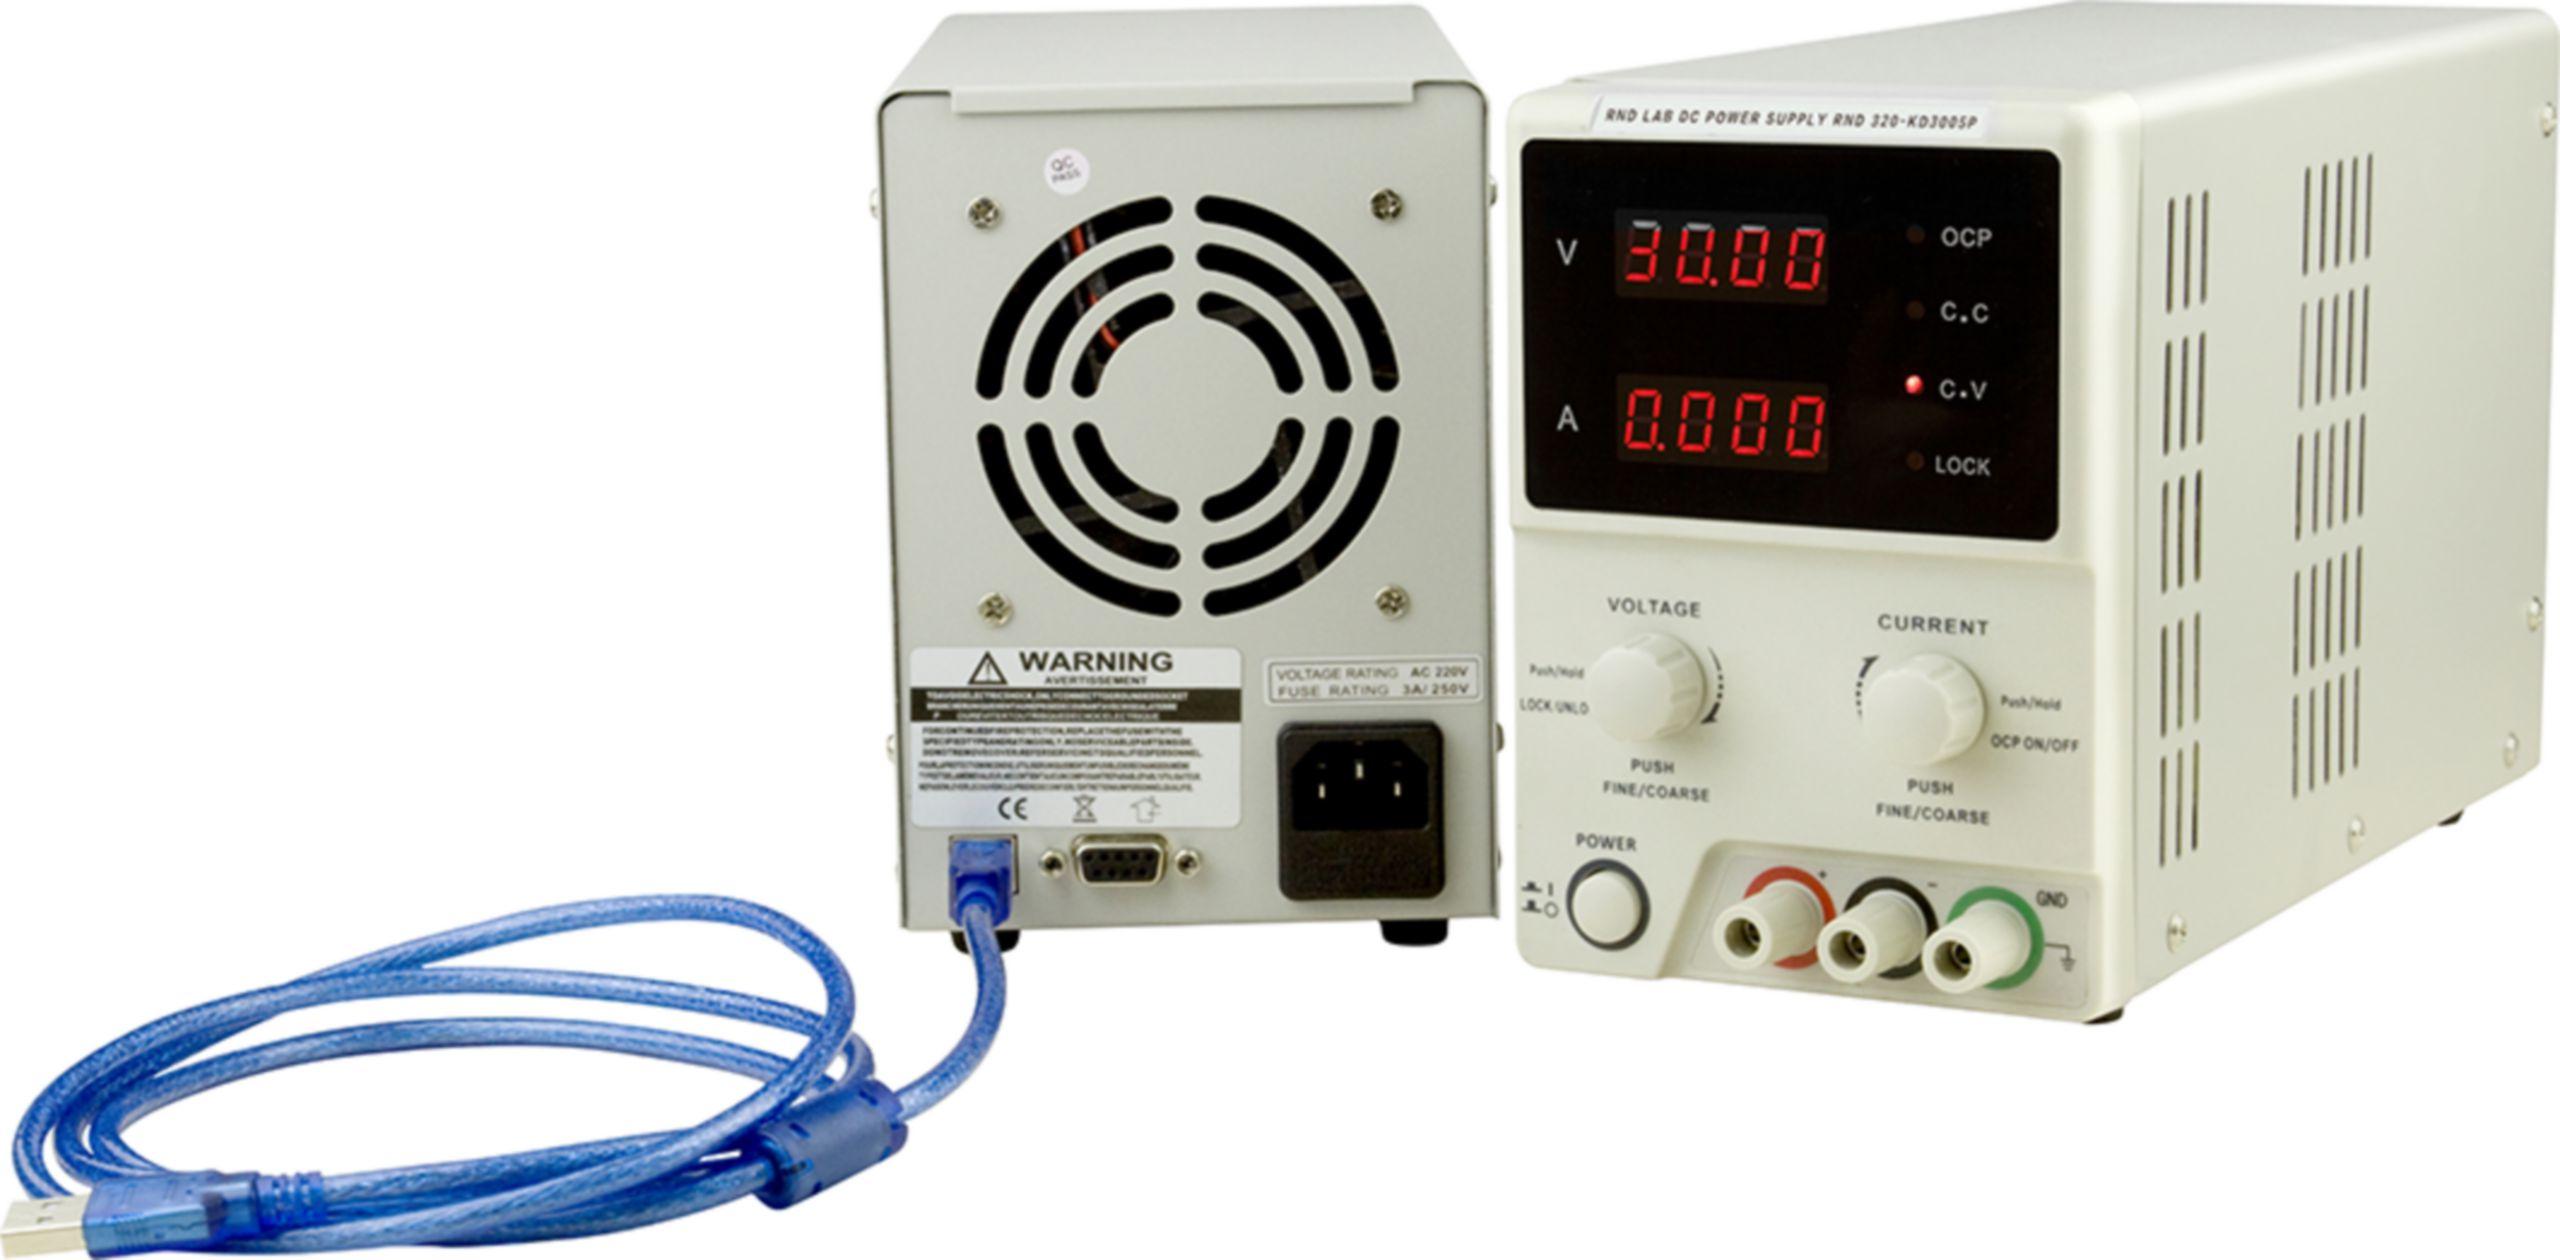 Programovatelný laboratorní napájecí zdroj,1 kanál, 0÷30 VDC, 0÷5 A